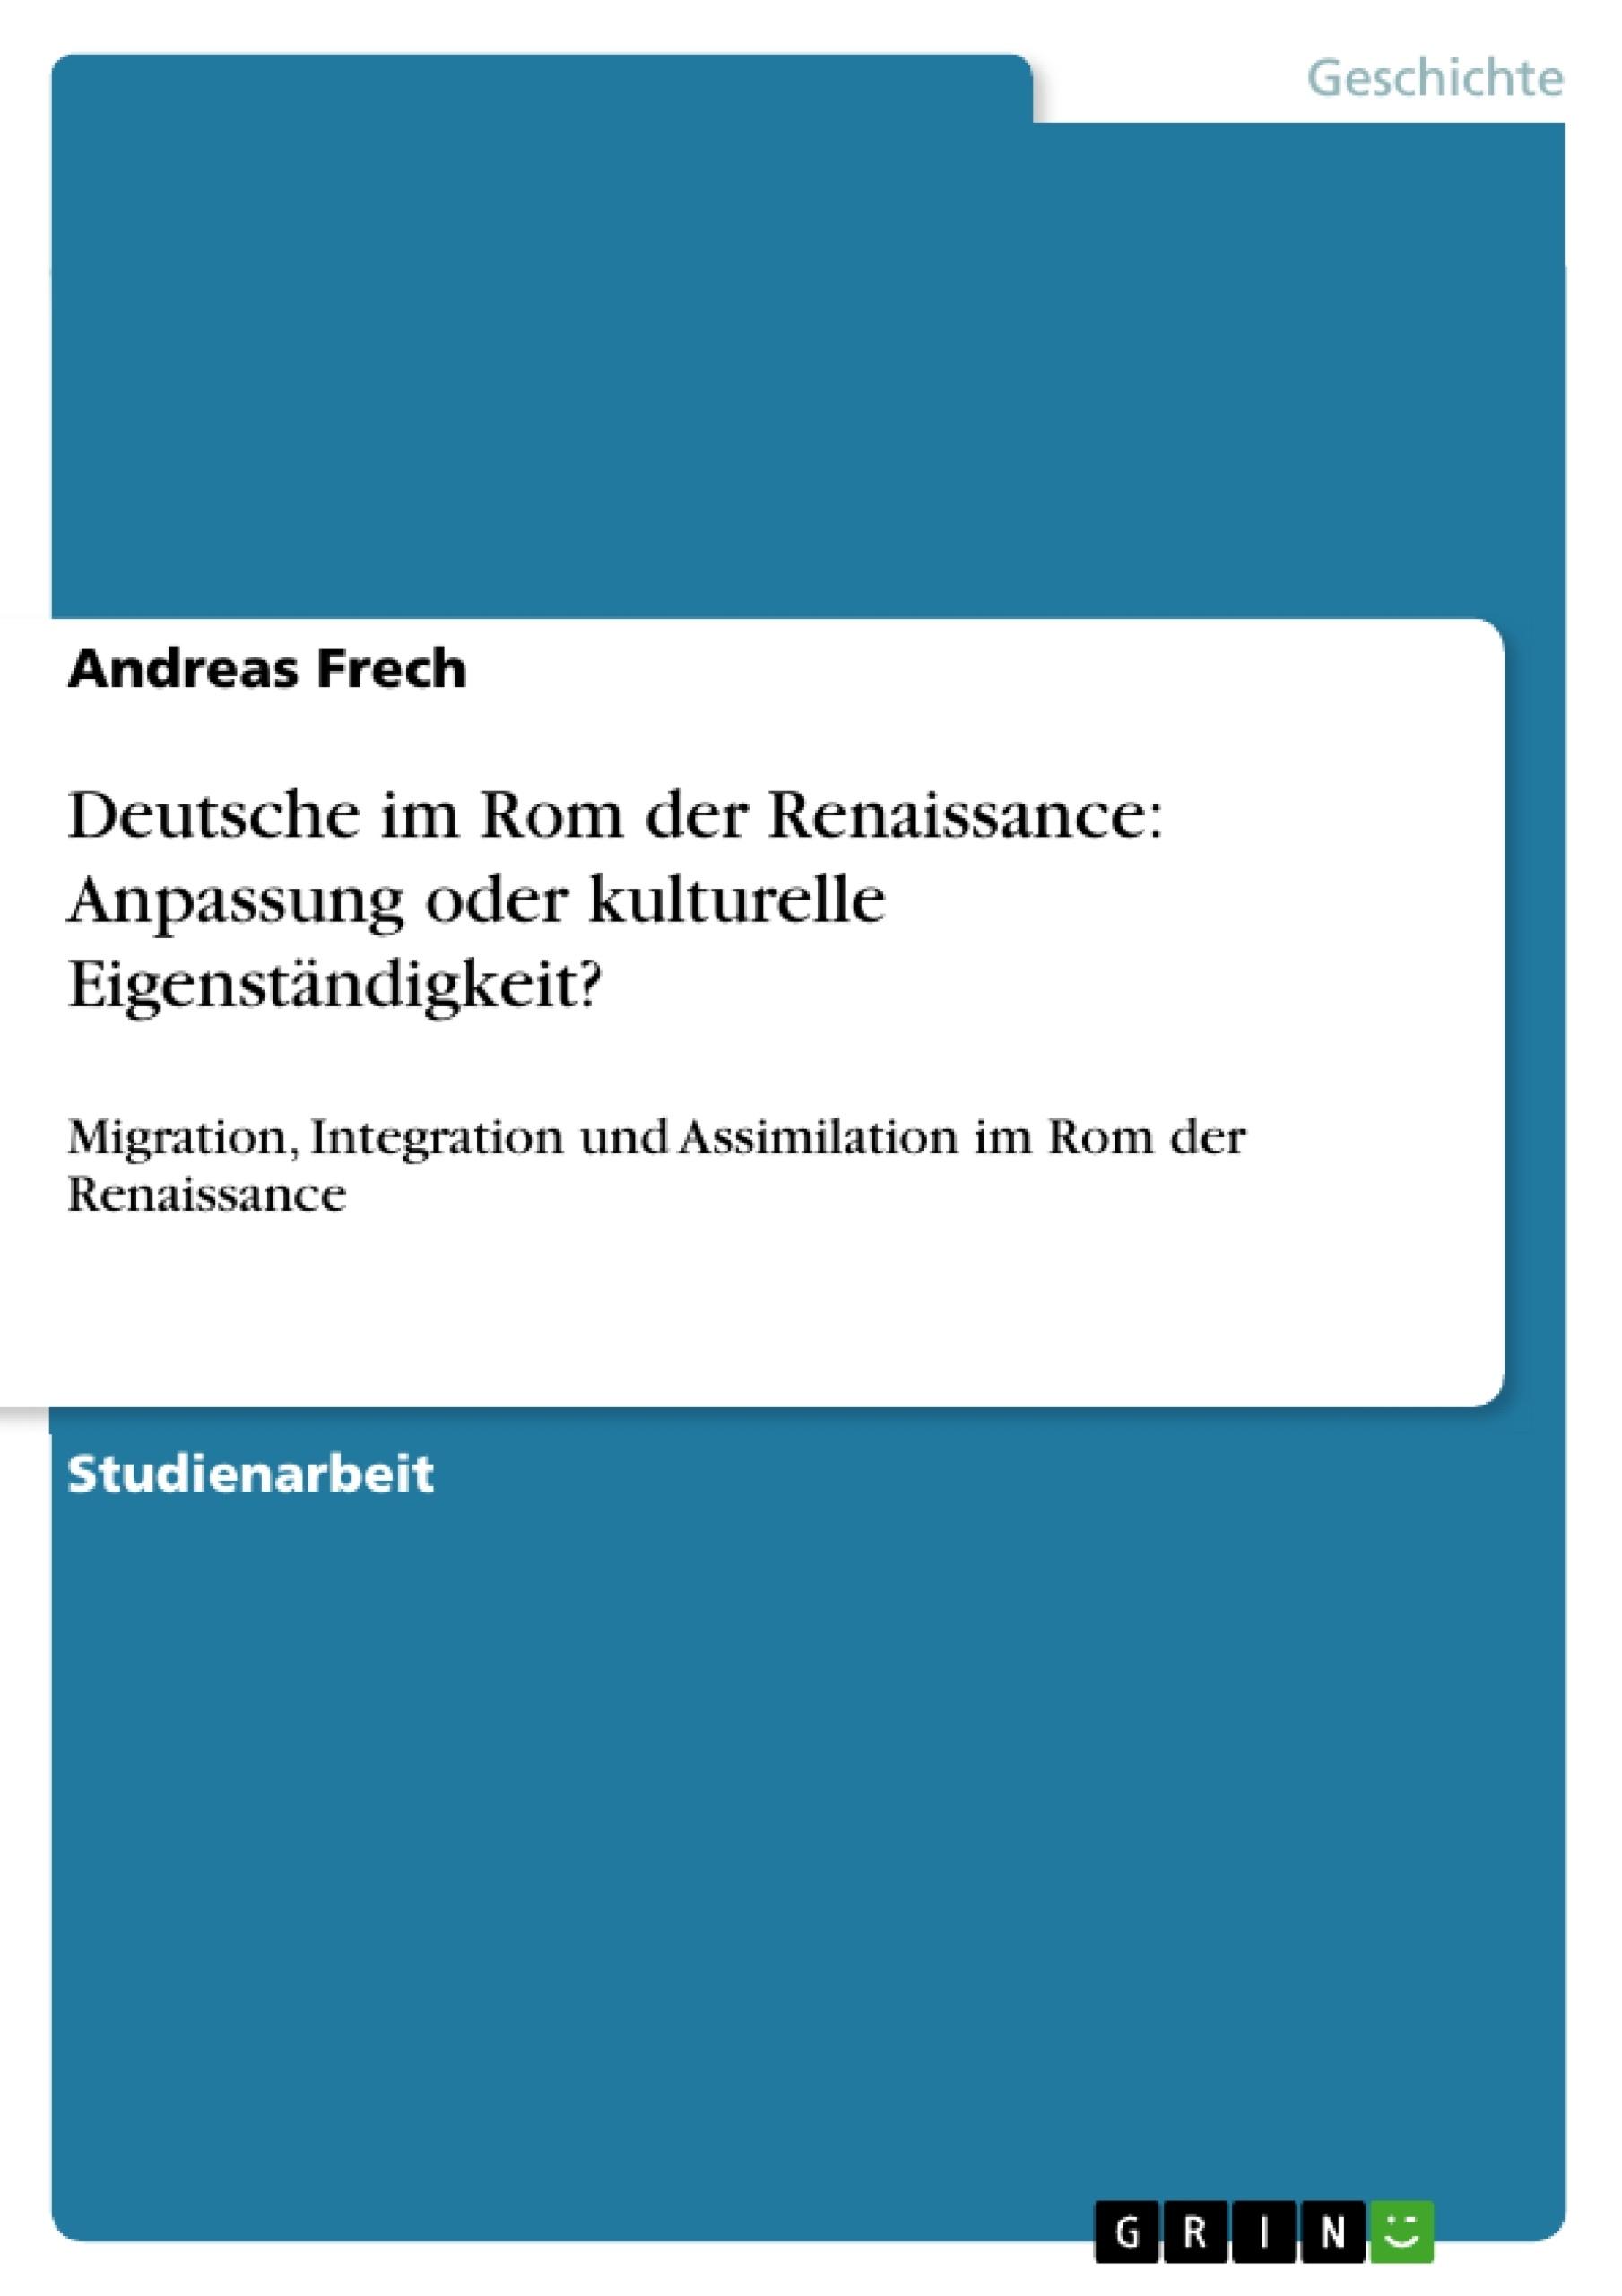 Titel: Deutsche im Rom der Renaissance: Anpassung oder kulturelle Eigenständigkeit?